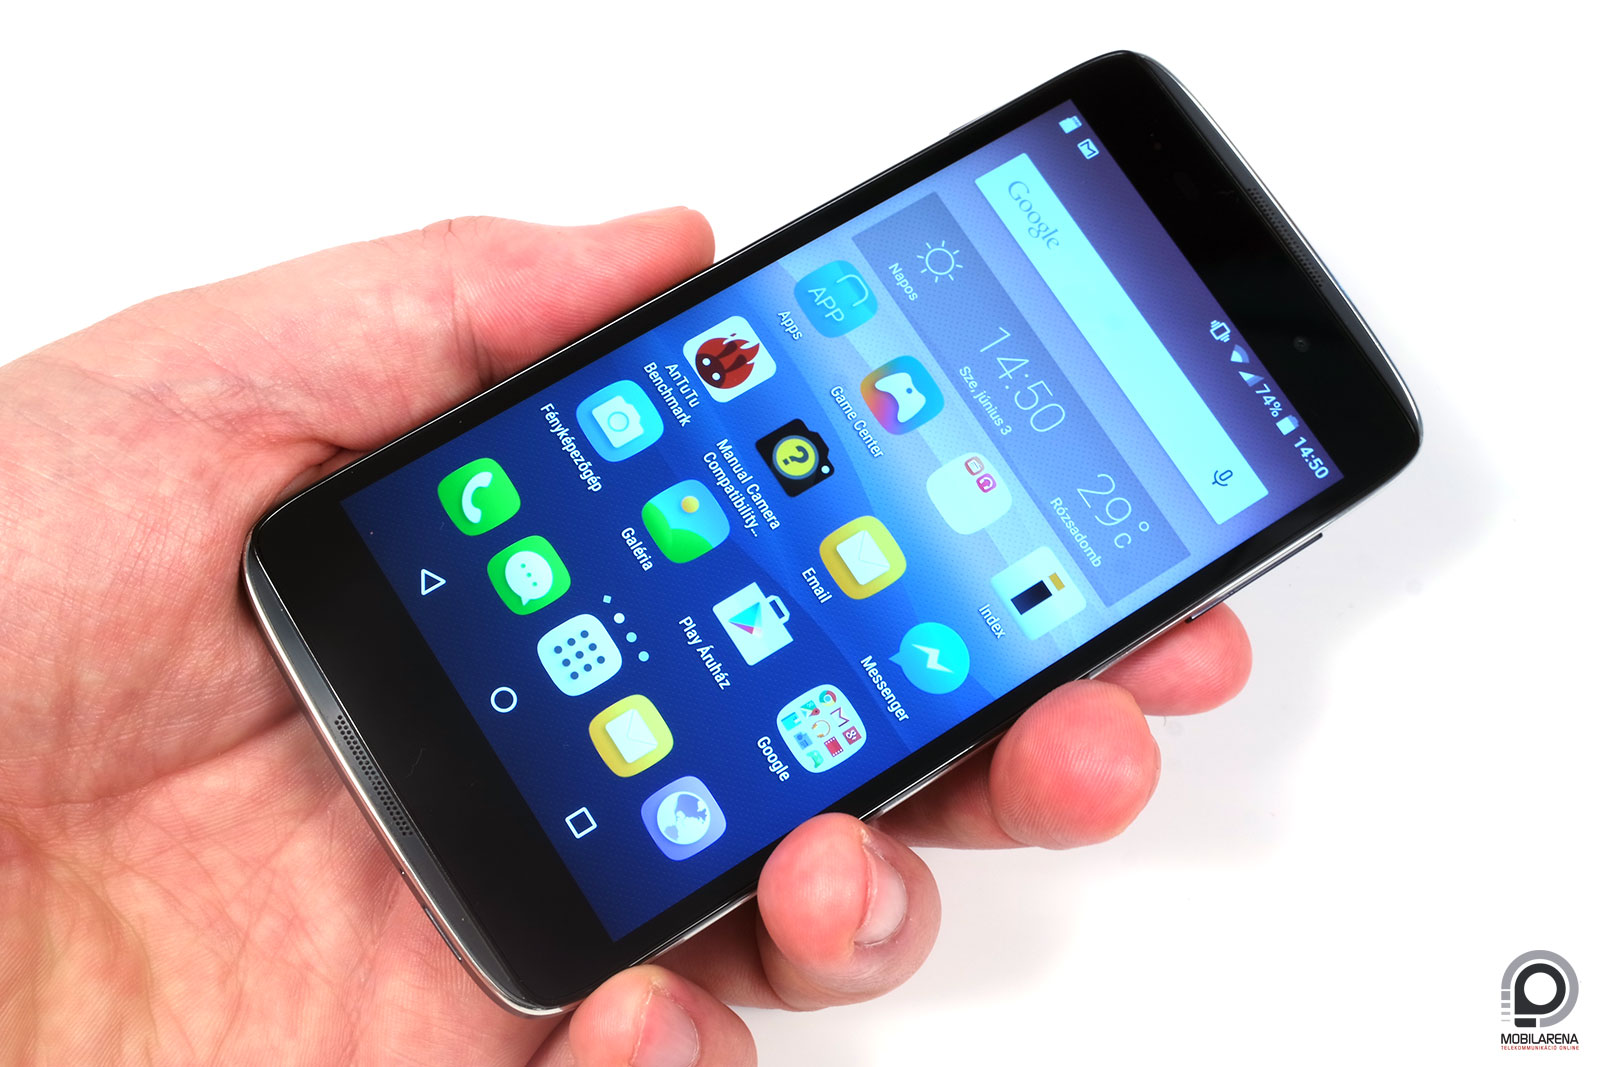 Az LG Watch Urbane LTE okosóra világújdonságnak számít